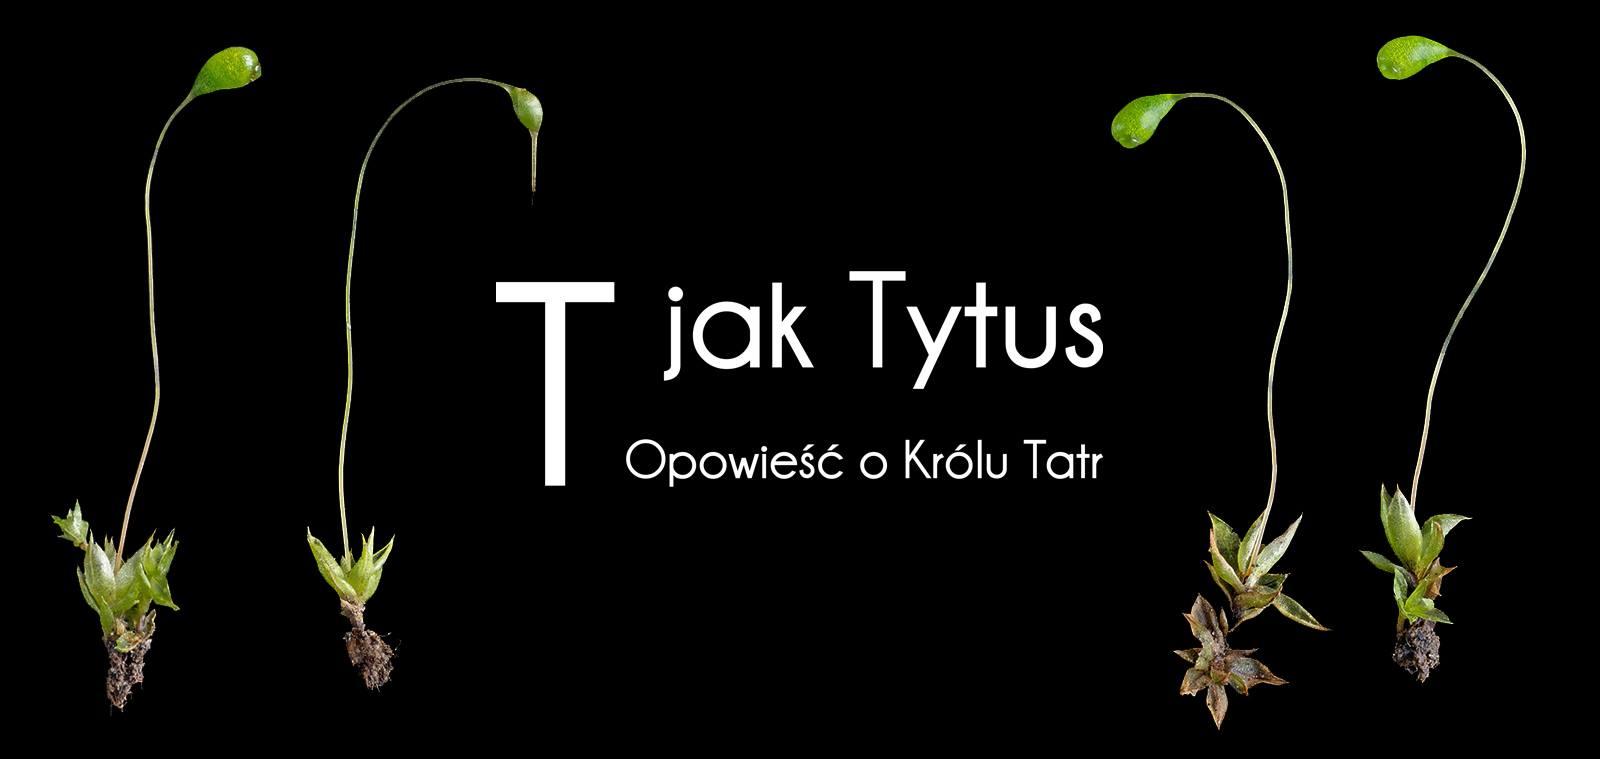 BANER T jak Tytus, Opowieść o Królu Tatr